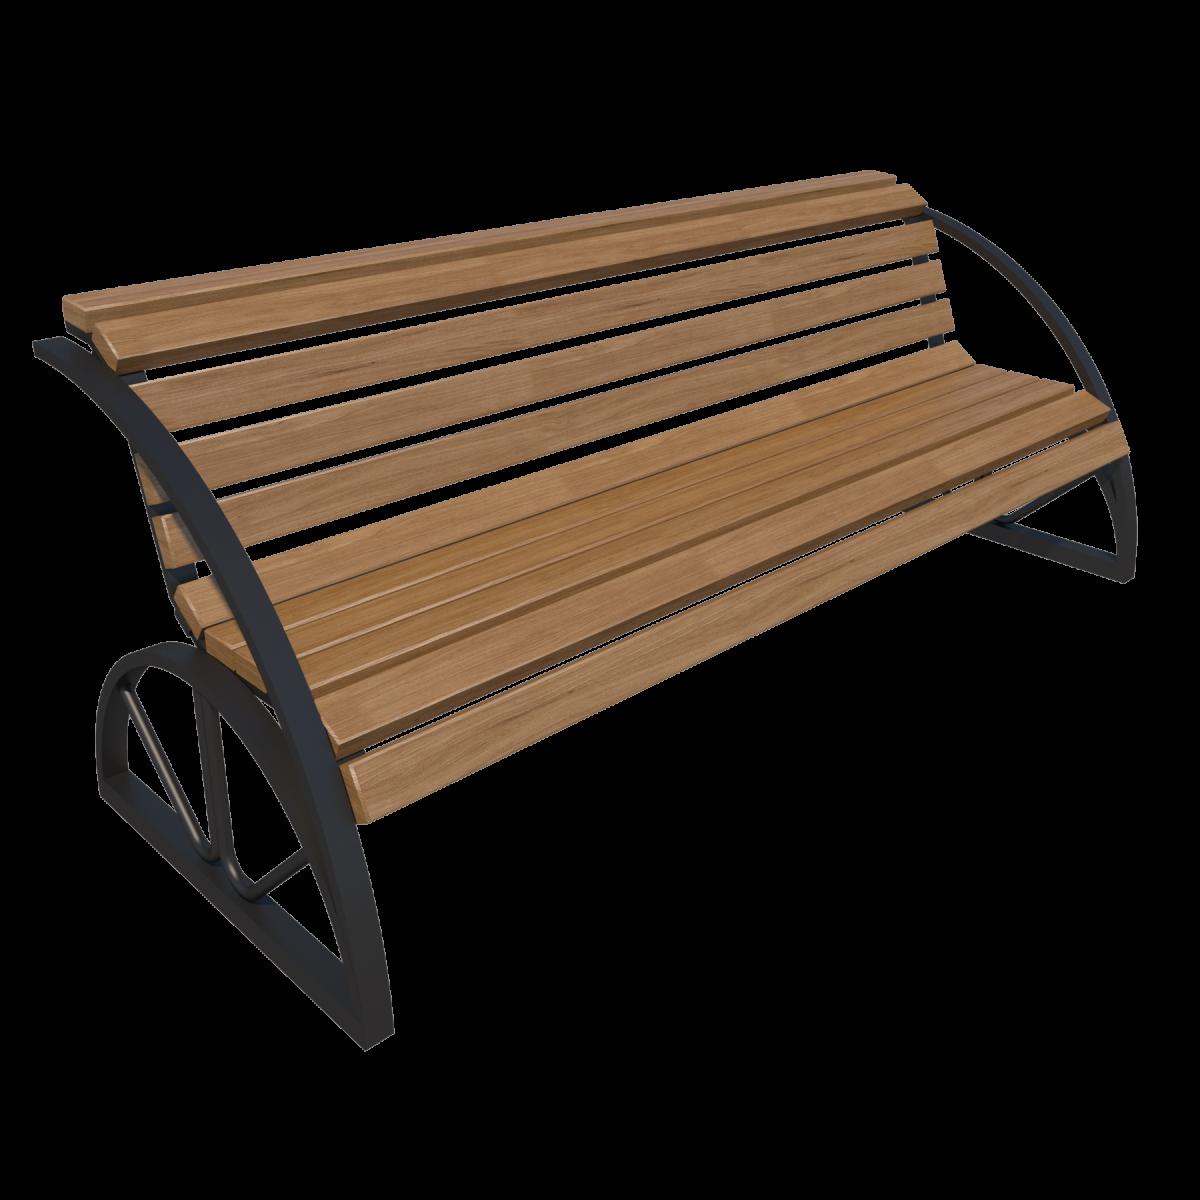 Скамейка со спинкой парковая Д-1.12